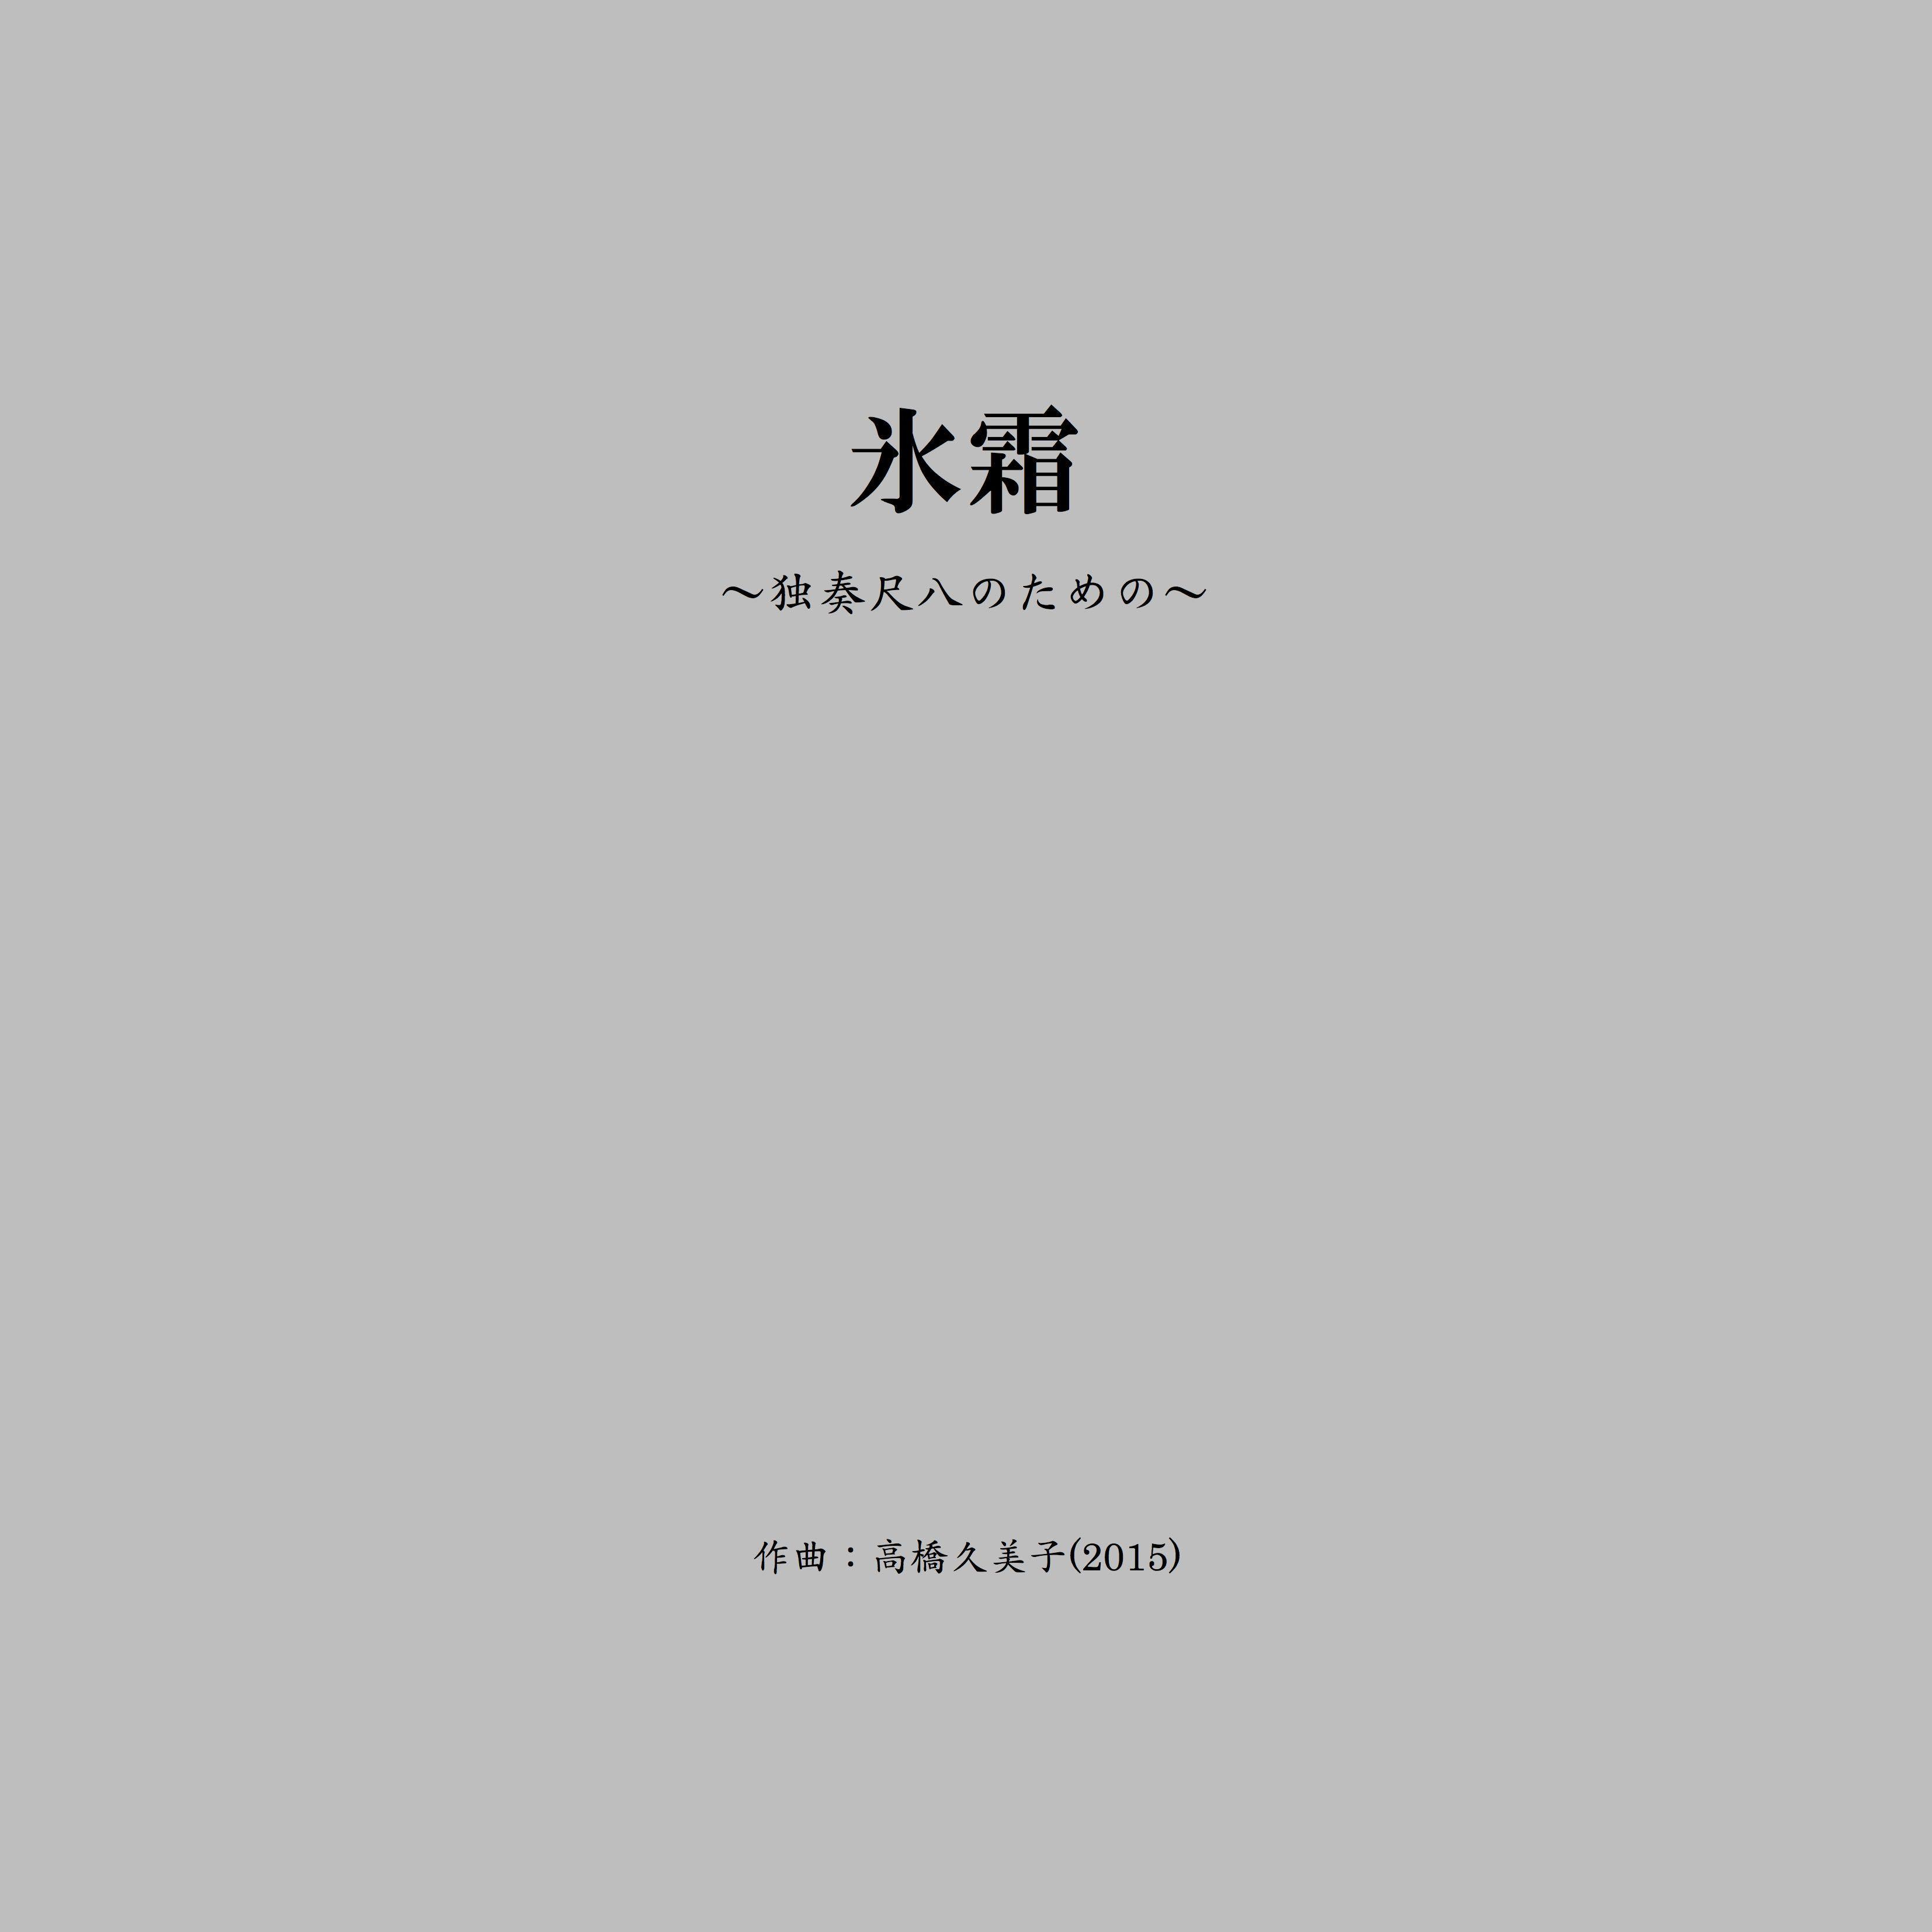 【楽譜 】氷霜 - 独奏尺八のための (五線譜+琴古系尺八譜)A4判